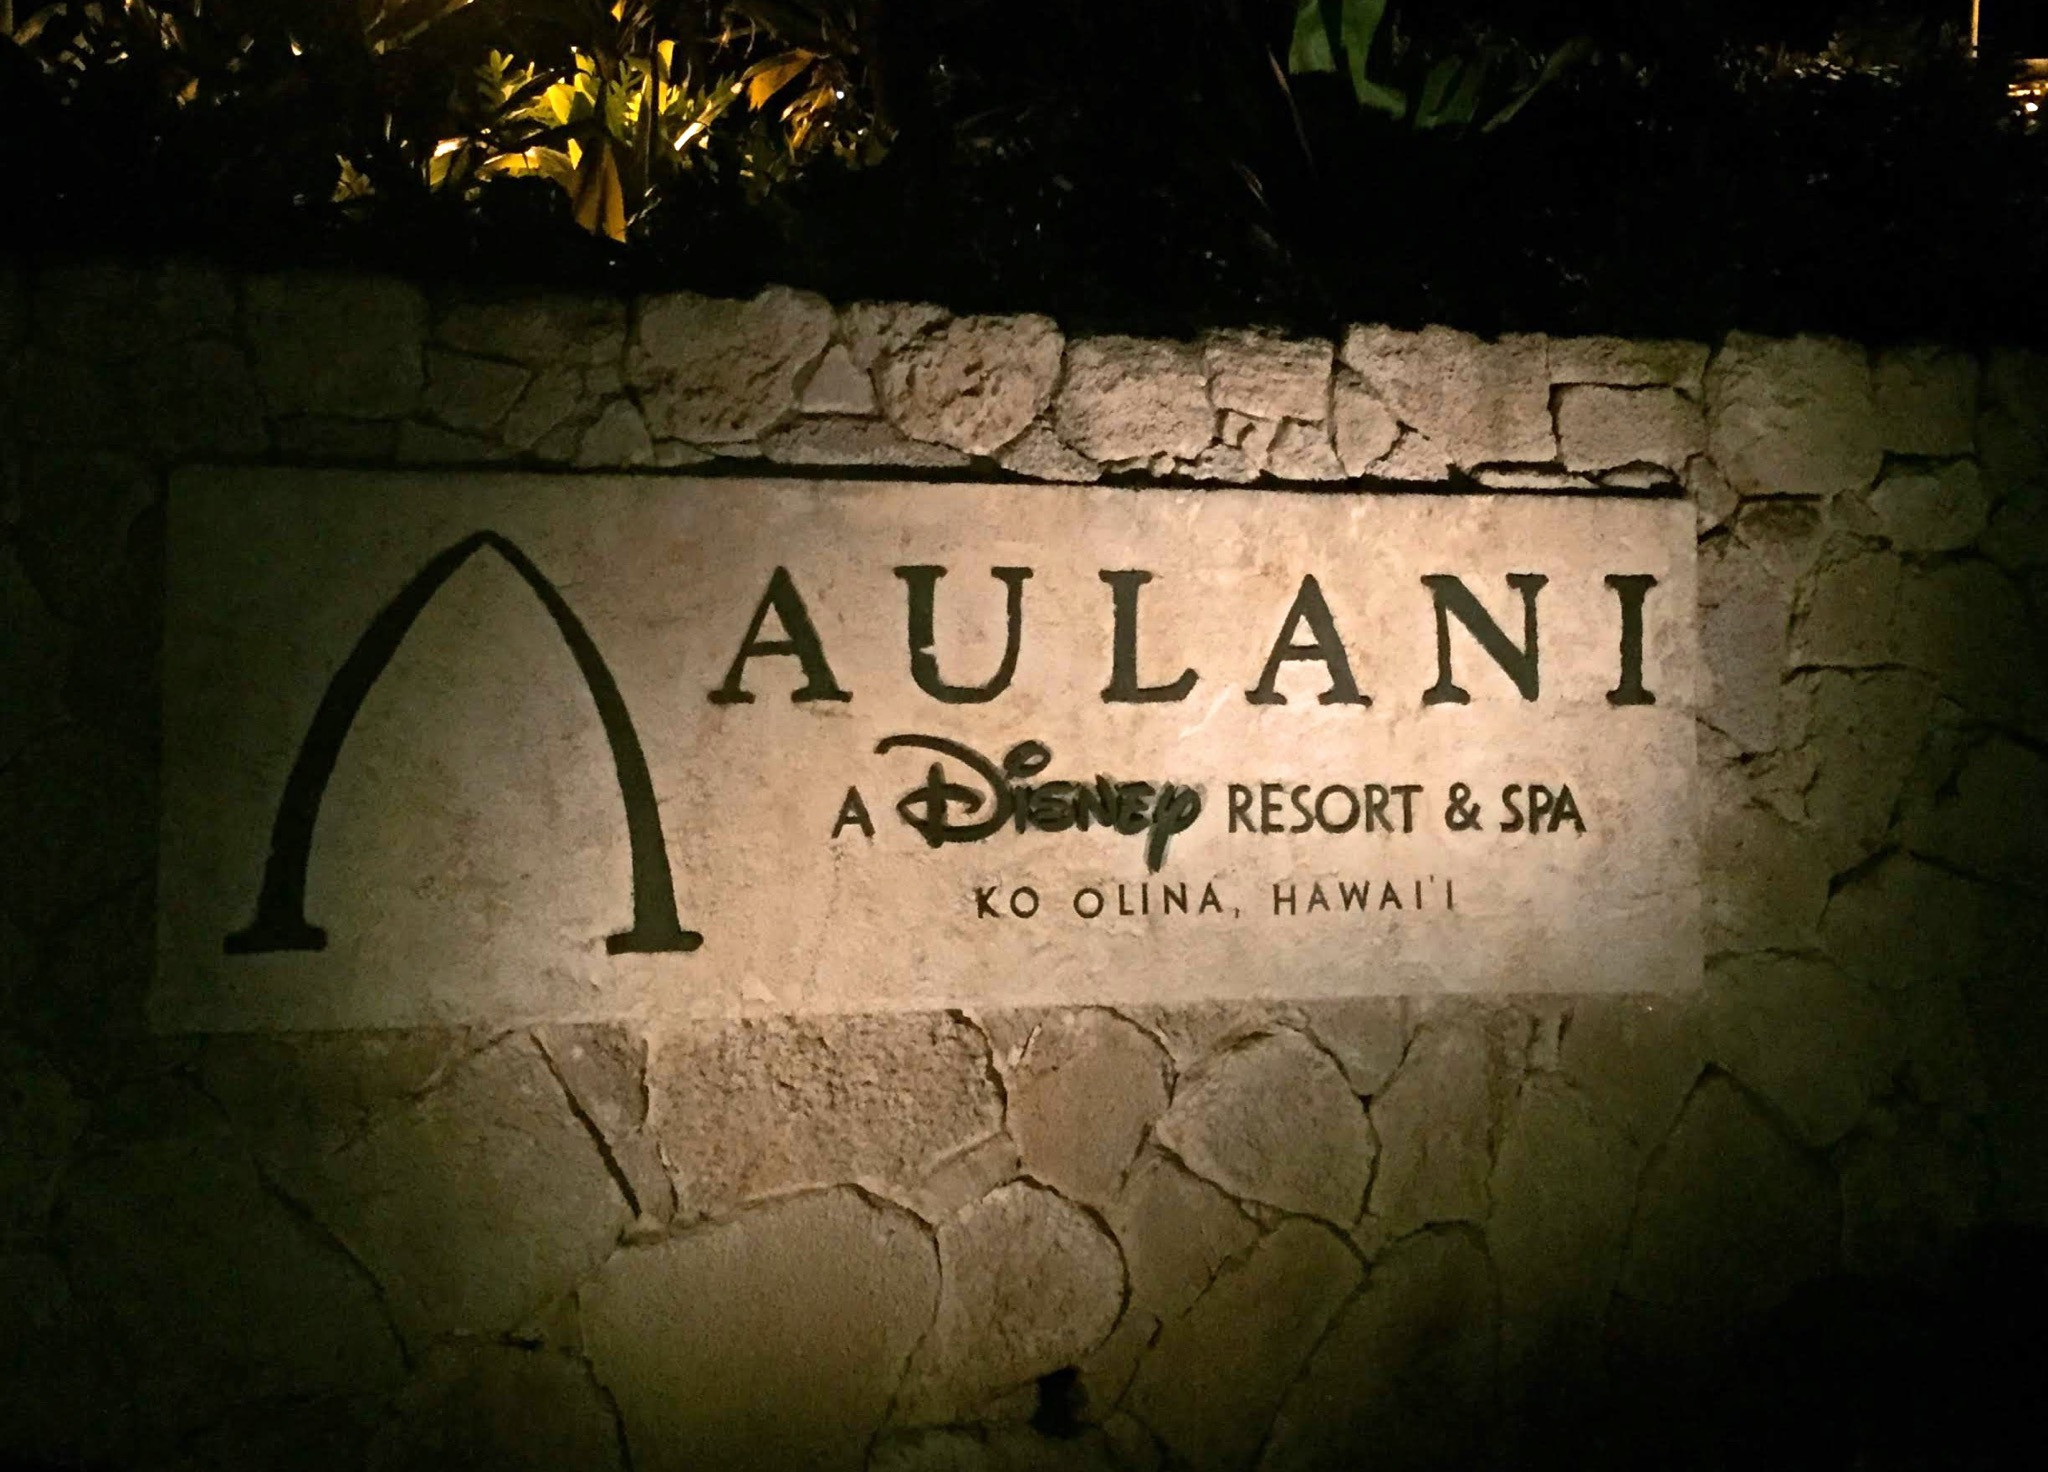 アウラニ・ディズニー・リゾートのロゴ